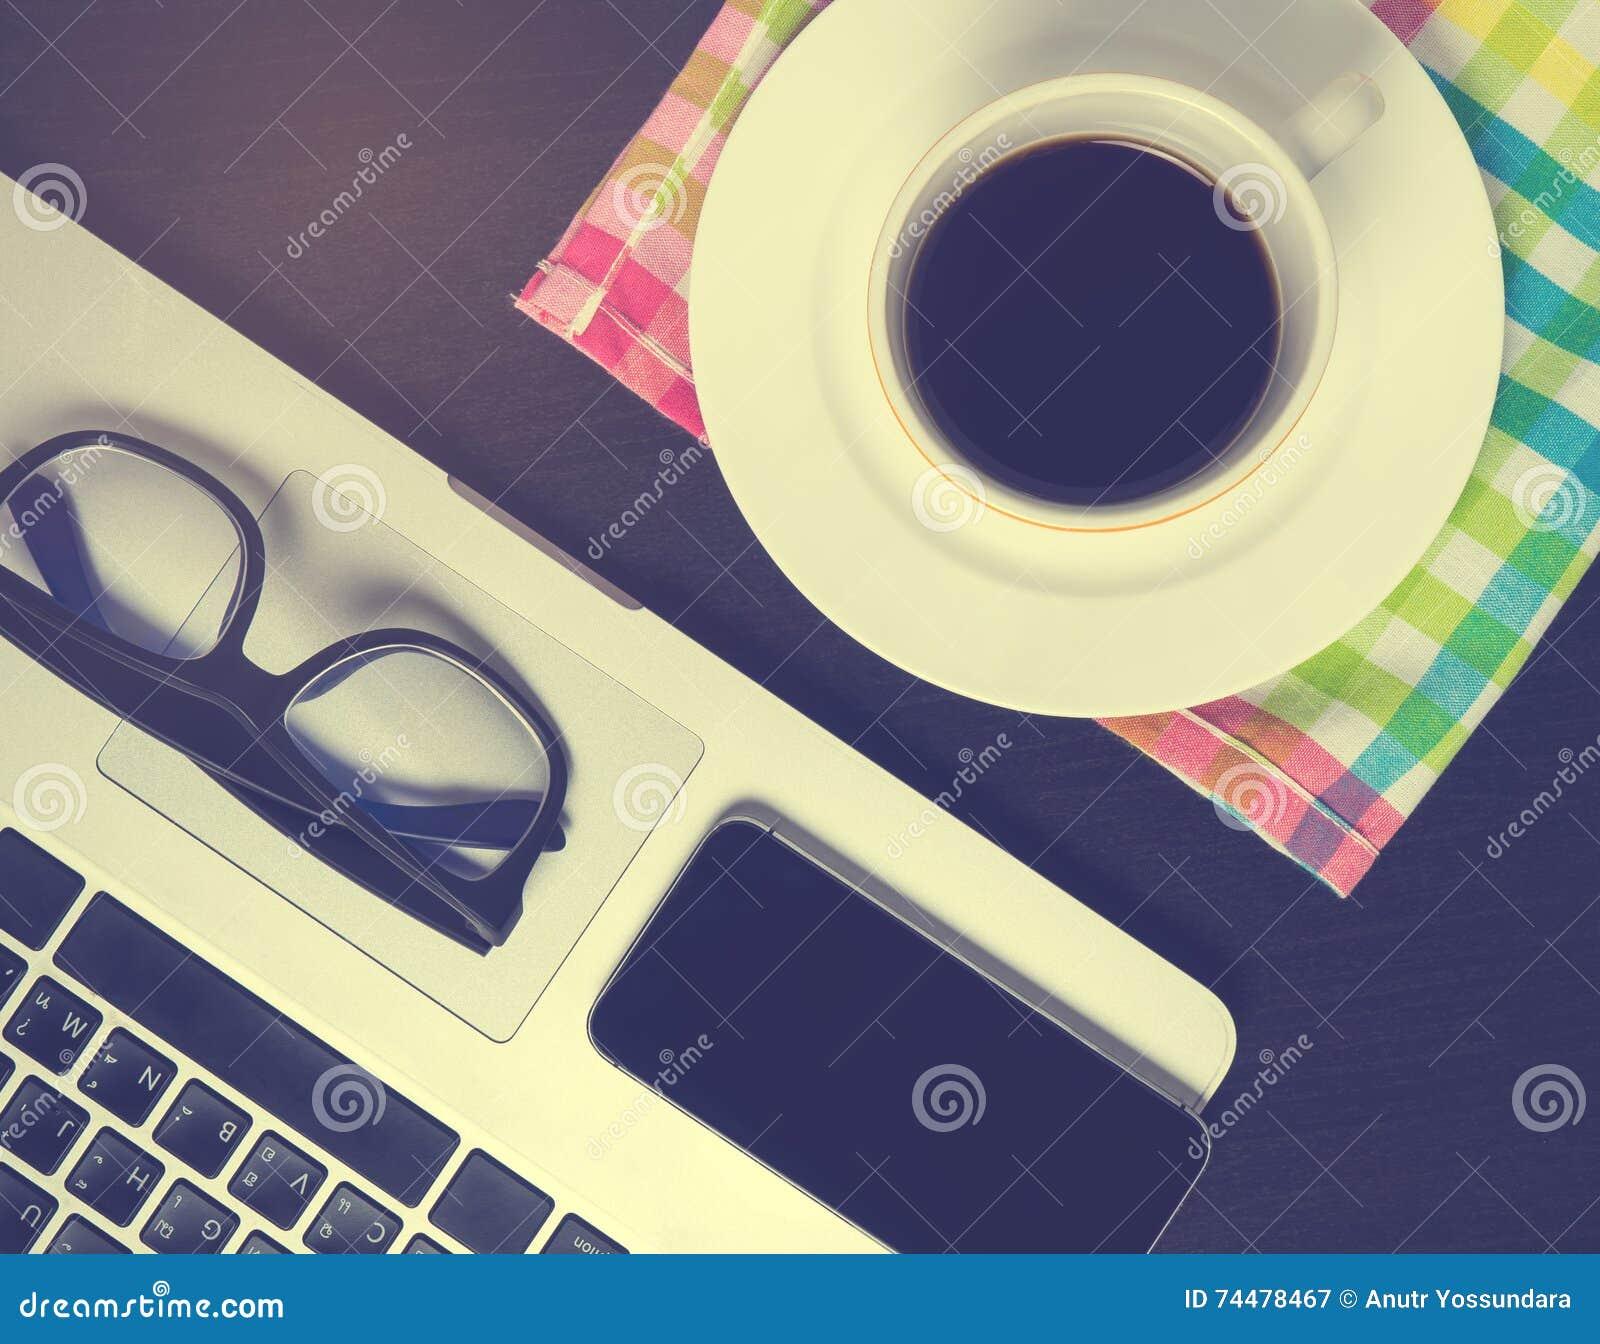 Μαύρη έξυπνη τηλεφωνική οθόνη στο γραφείο καφέ γραφείων